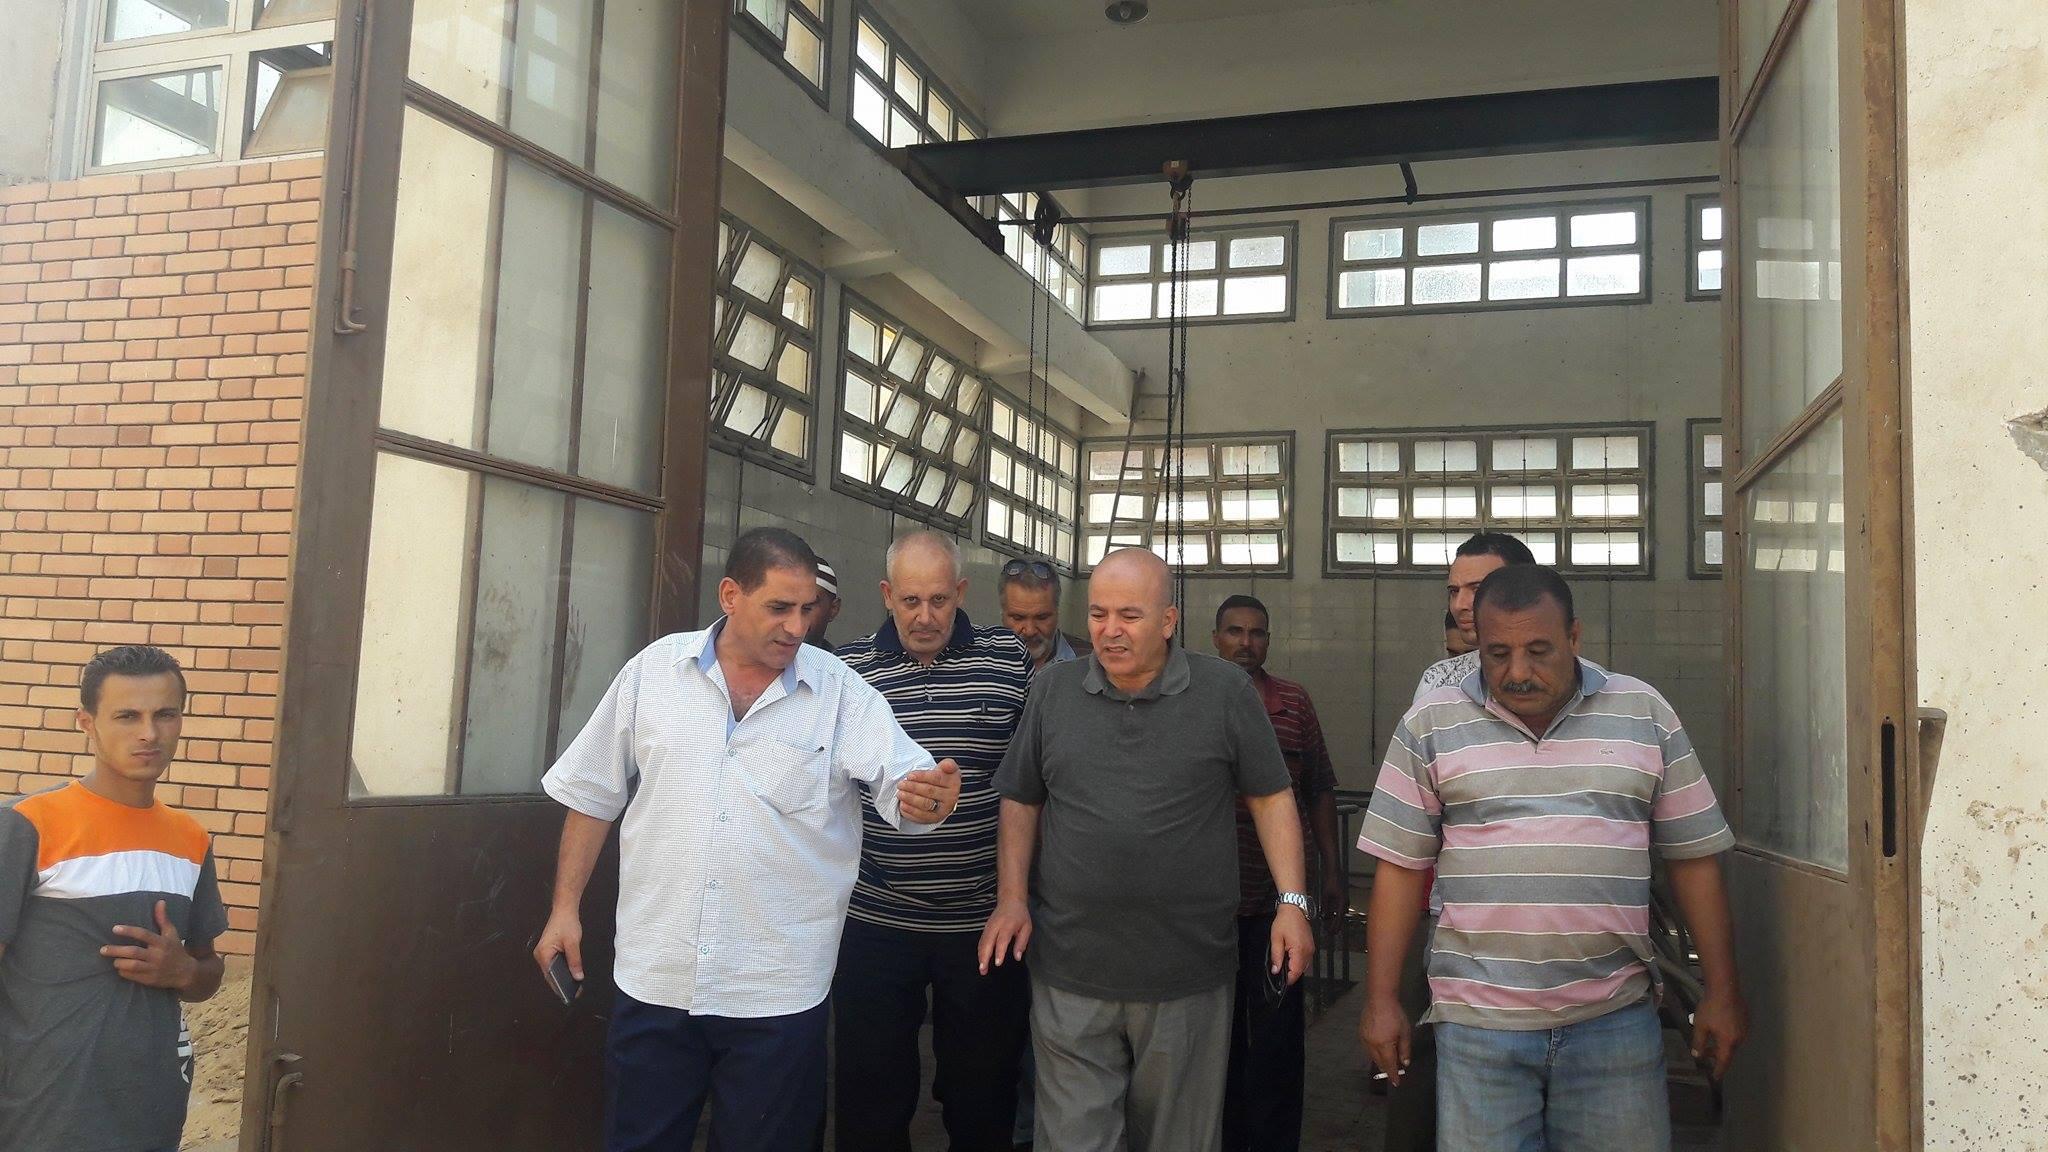 رئيس مدينة السنطة يتابع واقعة تسريب مياه الصرف الصحي واختلاطها بمياه الشرب